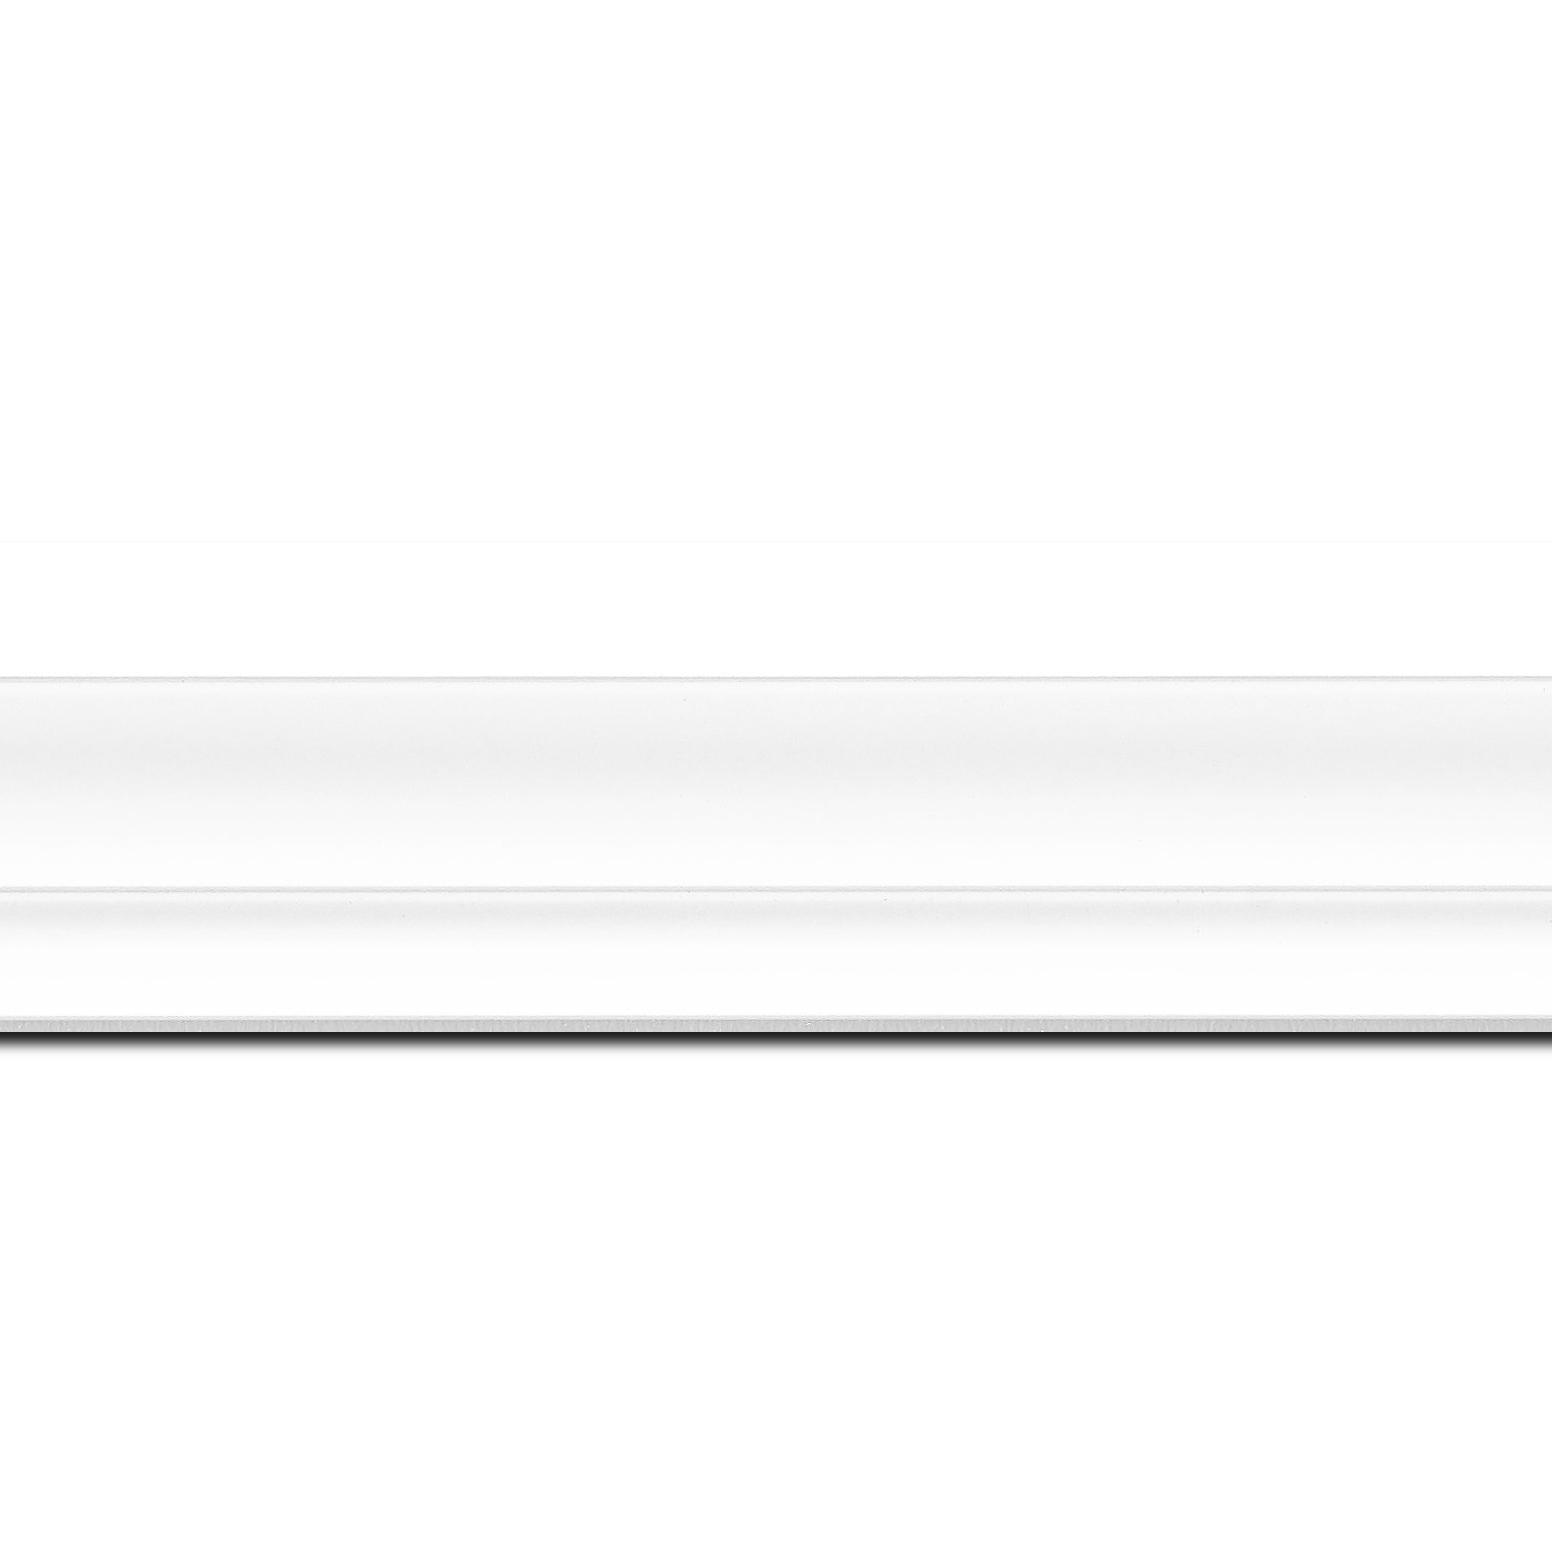 Baguette longueur 1.40m bois caisse américaine xl profil escalier largeur 4.9cm blanc mat (spécialement conçu pour les châssis 3d d'une épaisseur de 3 à 4cm)